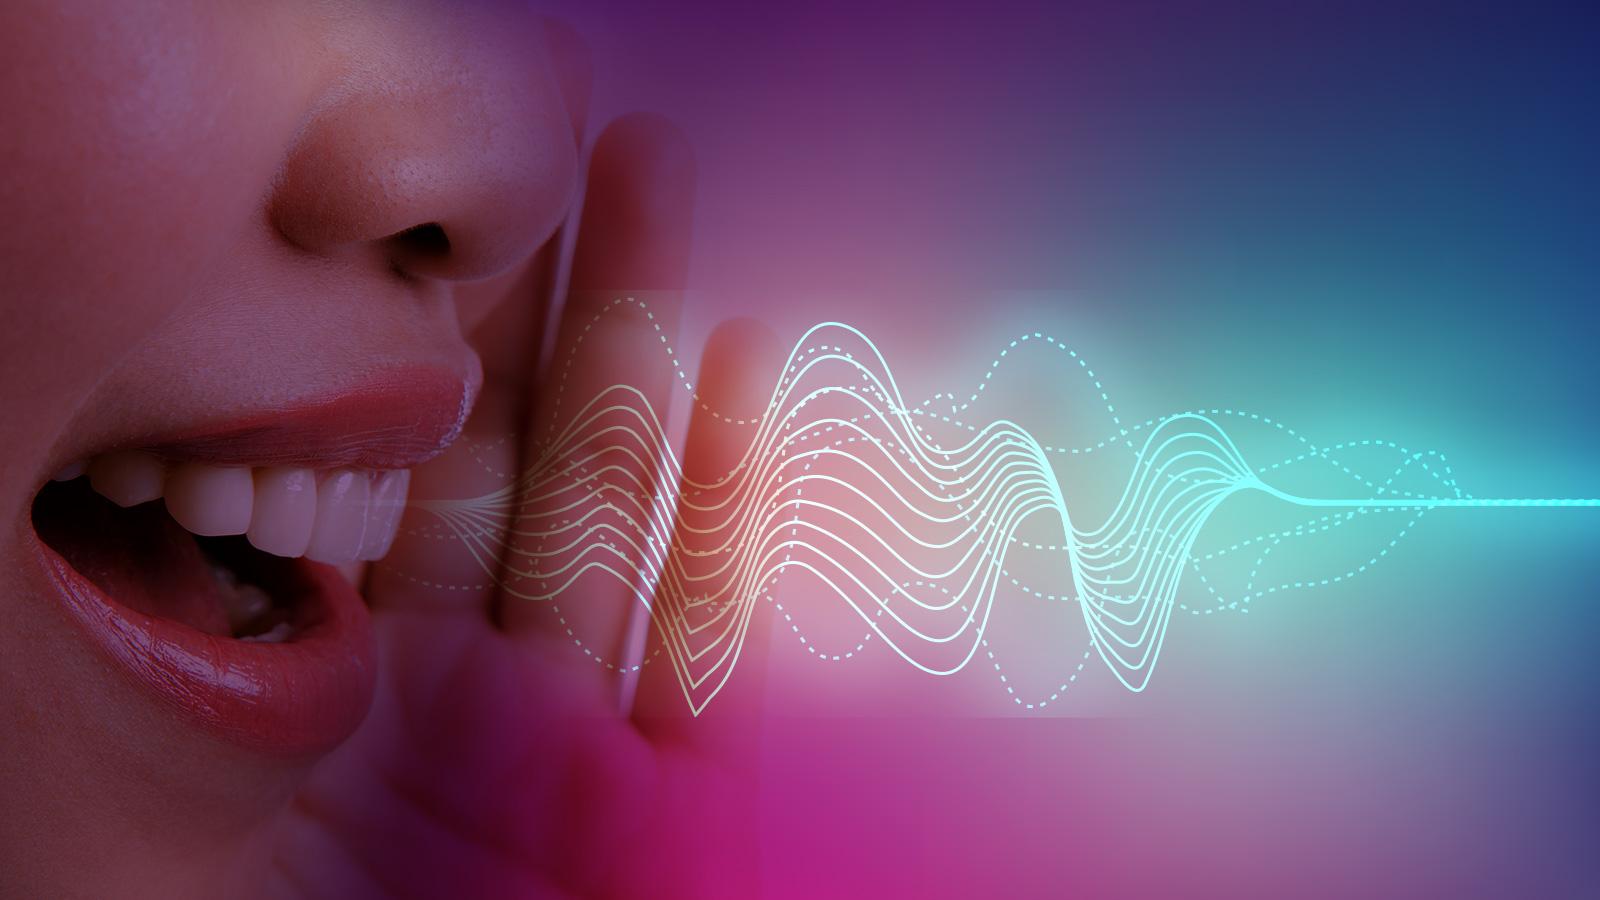 Vocea, un miracol, Sursa: AiThority